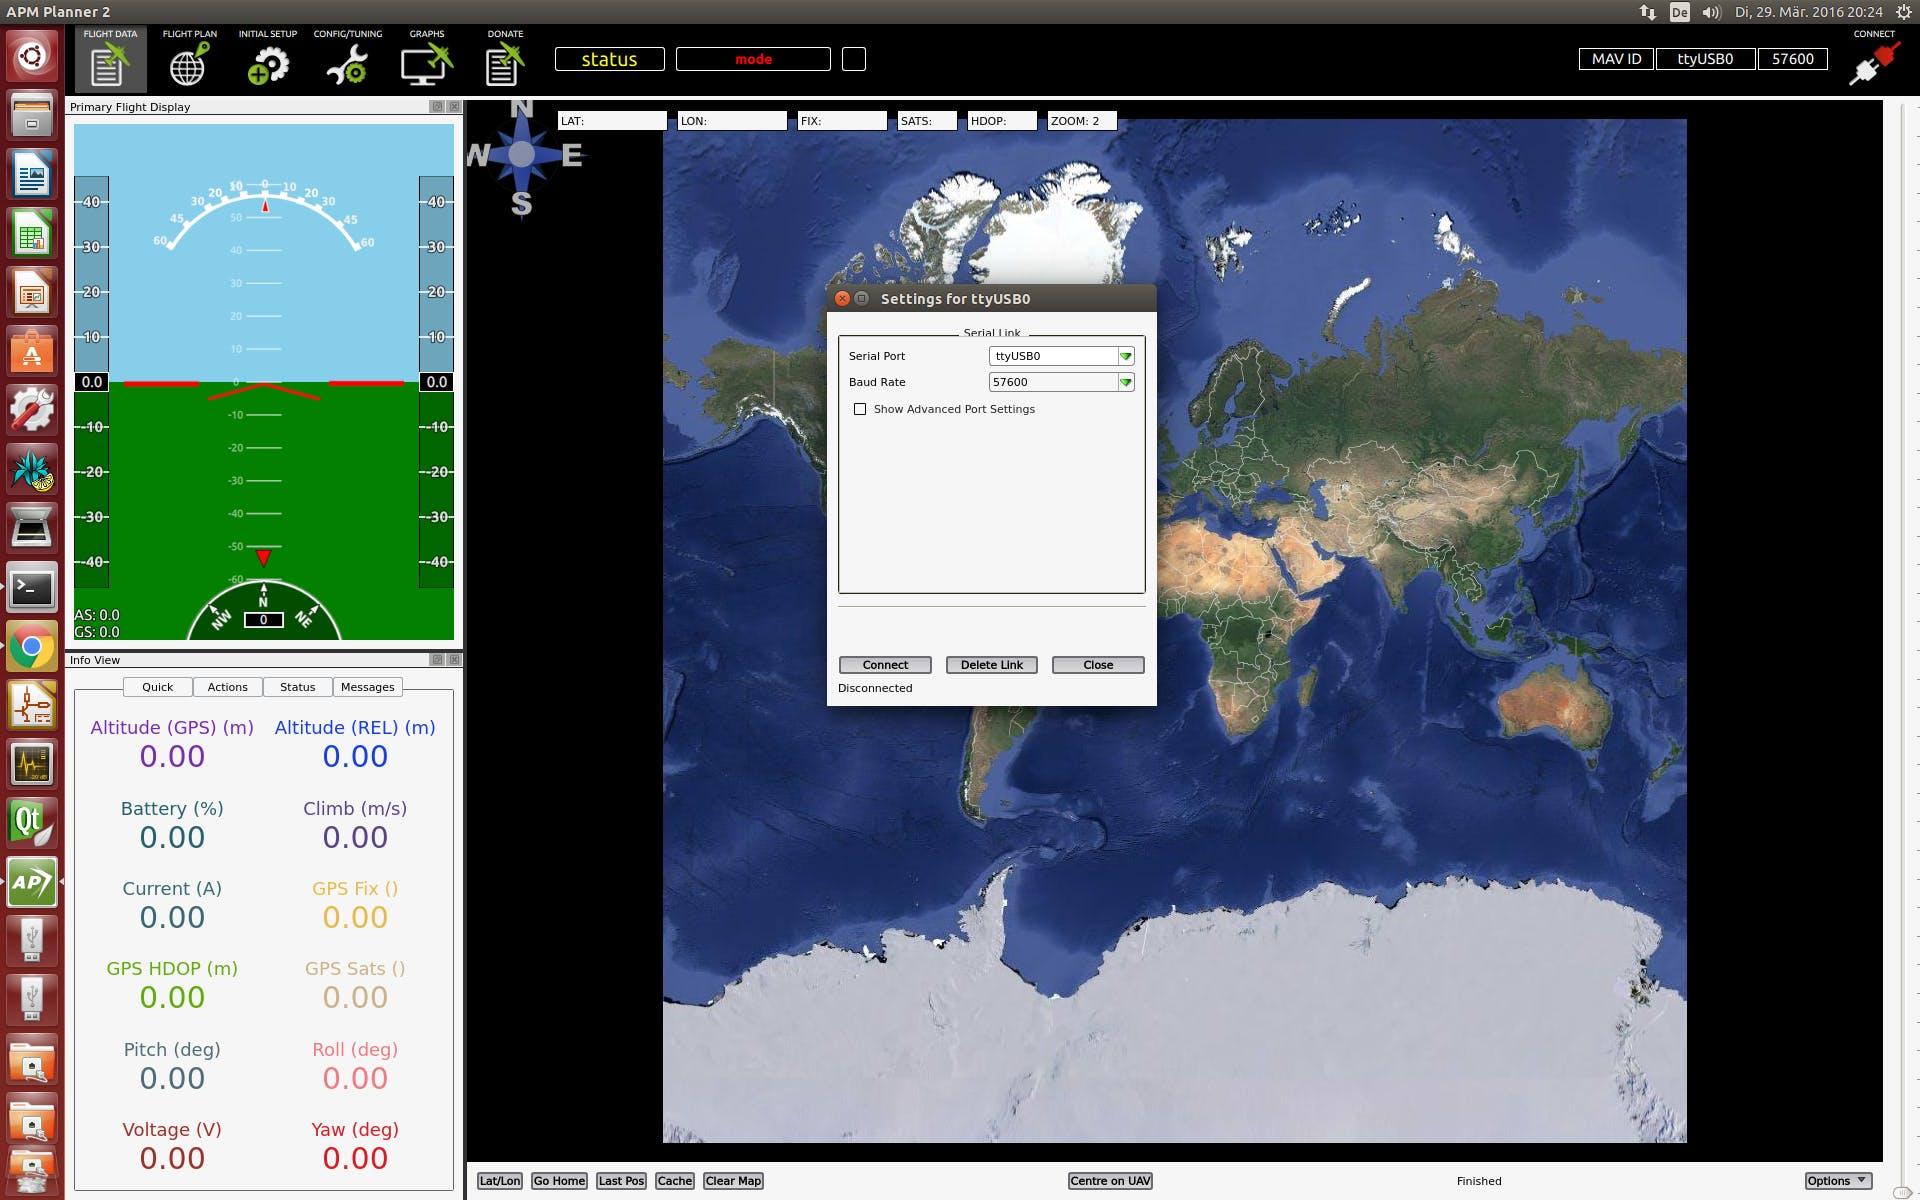 APM Planner port settings